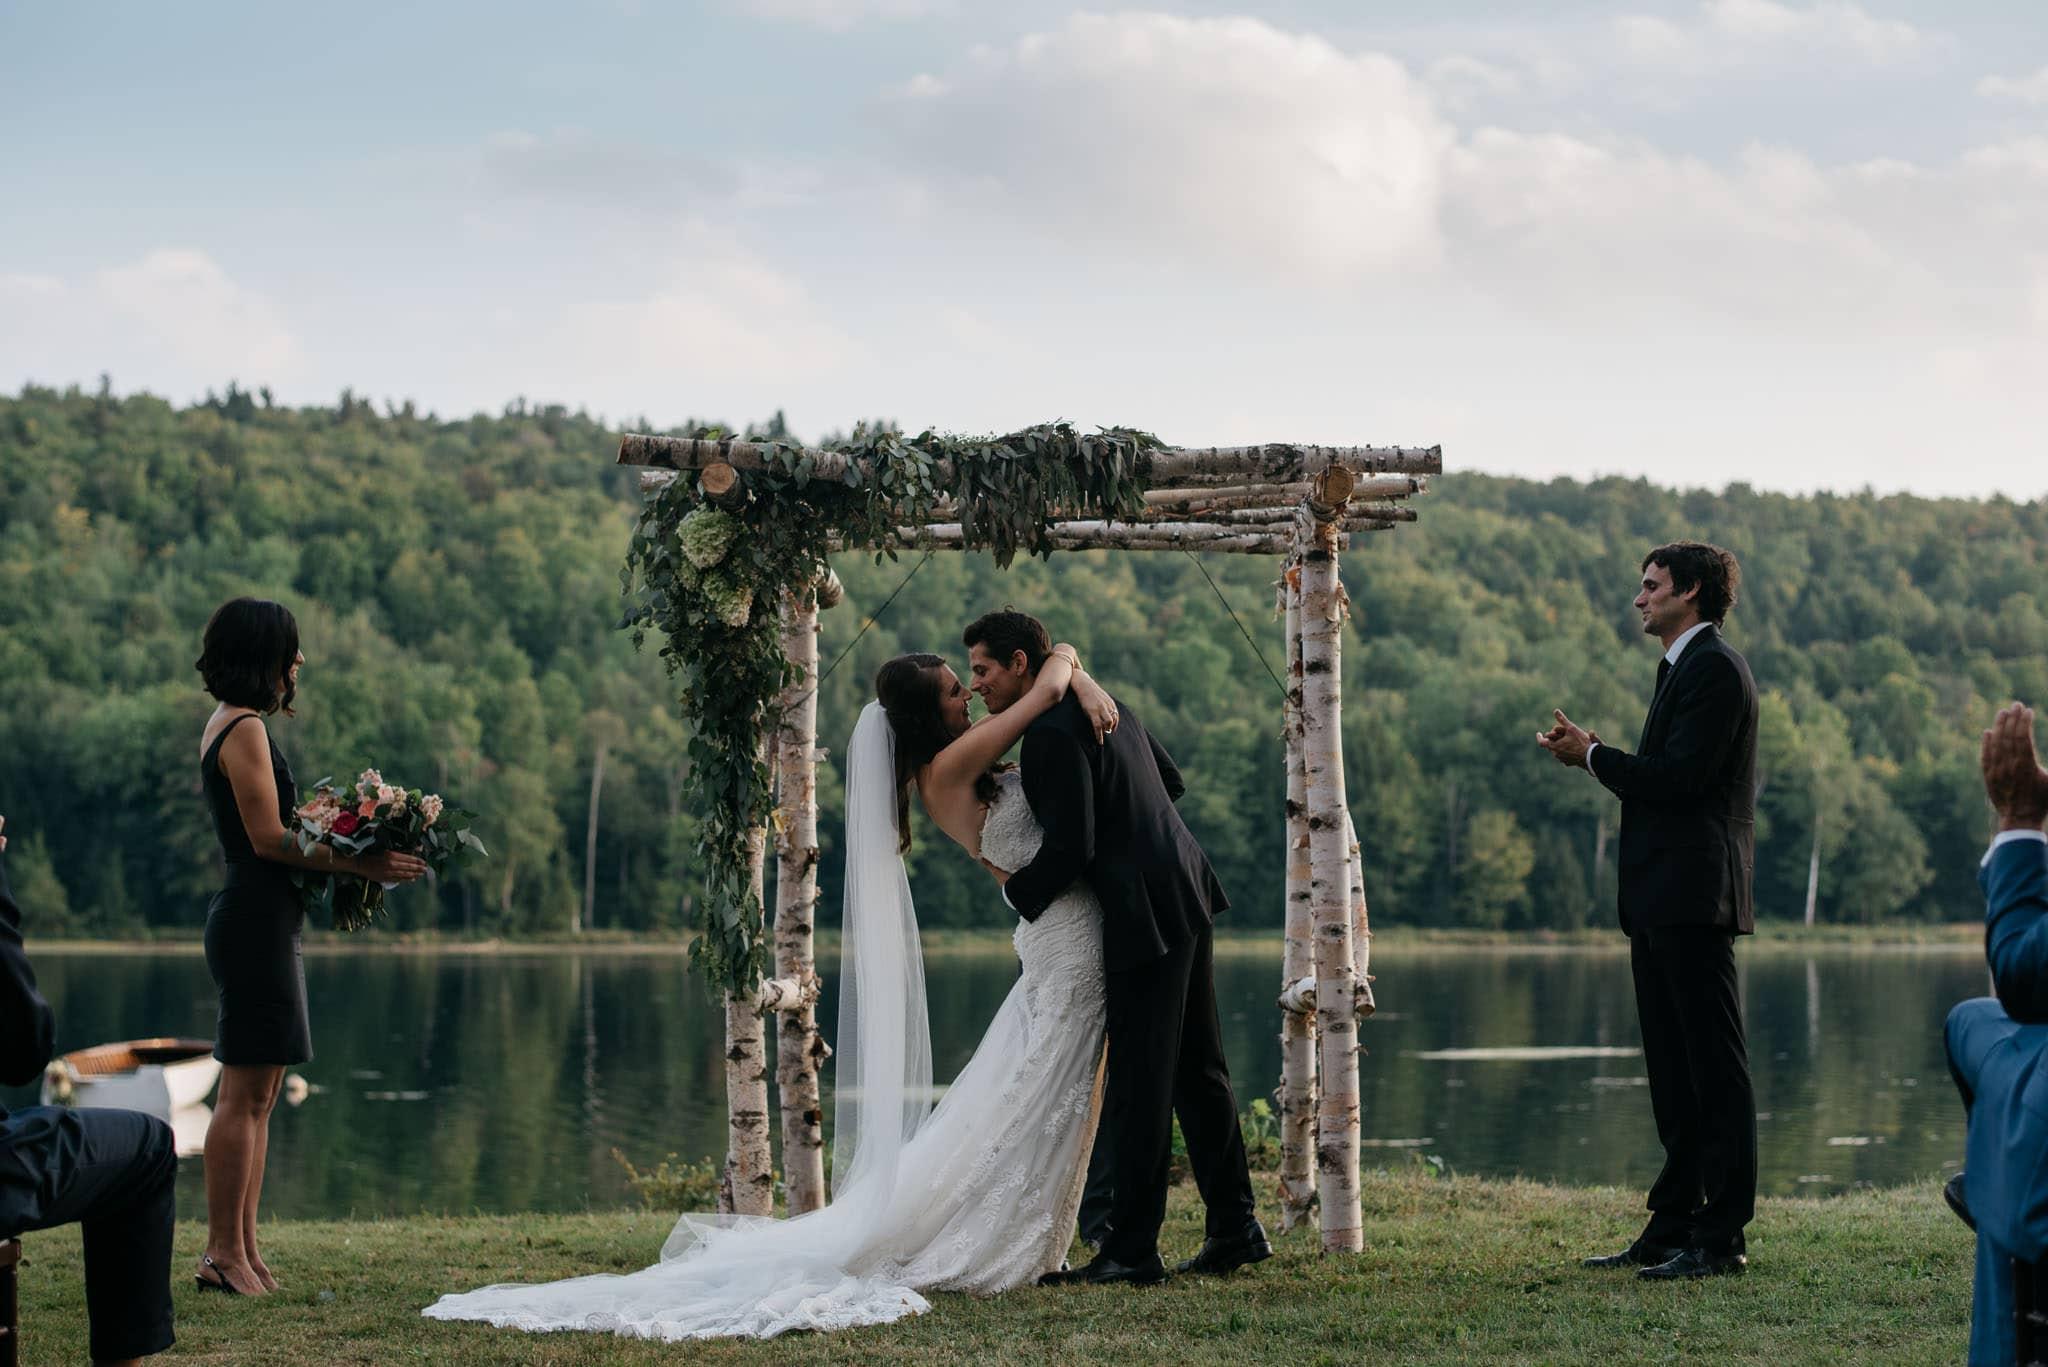 upstate-ny-lake-wedding-41